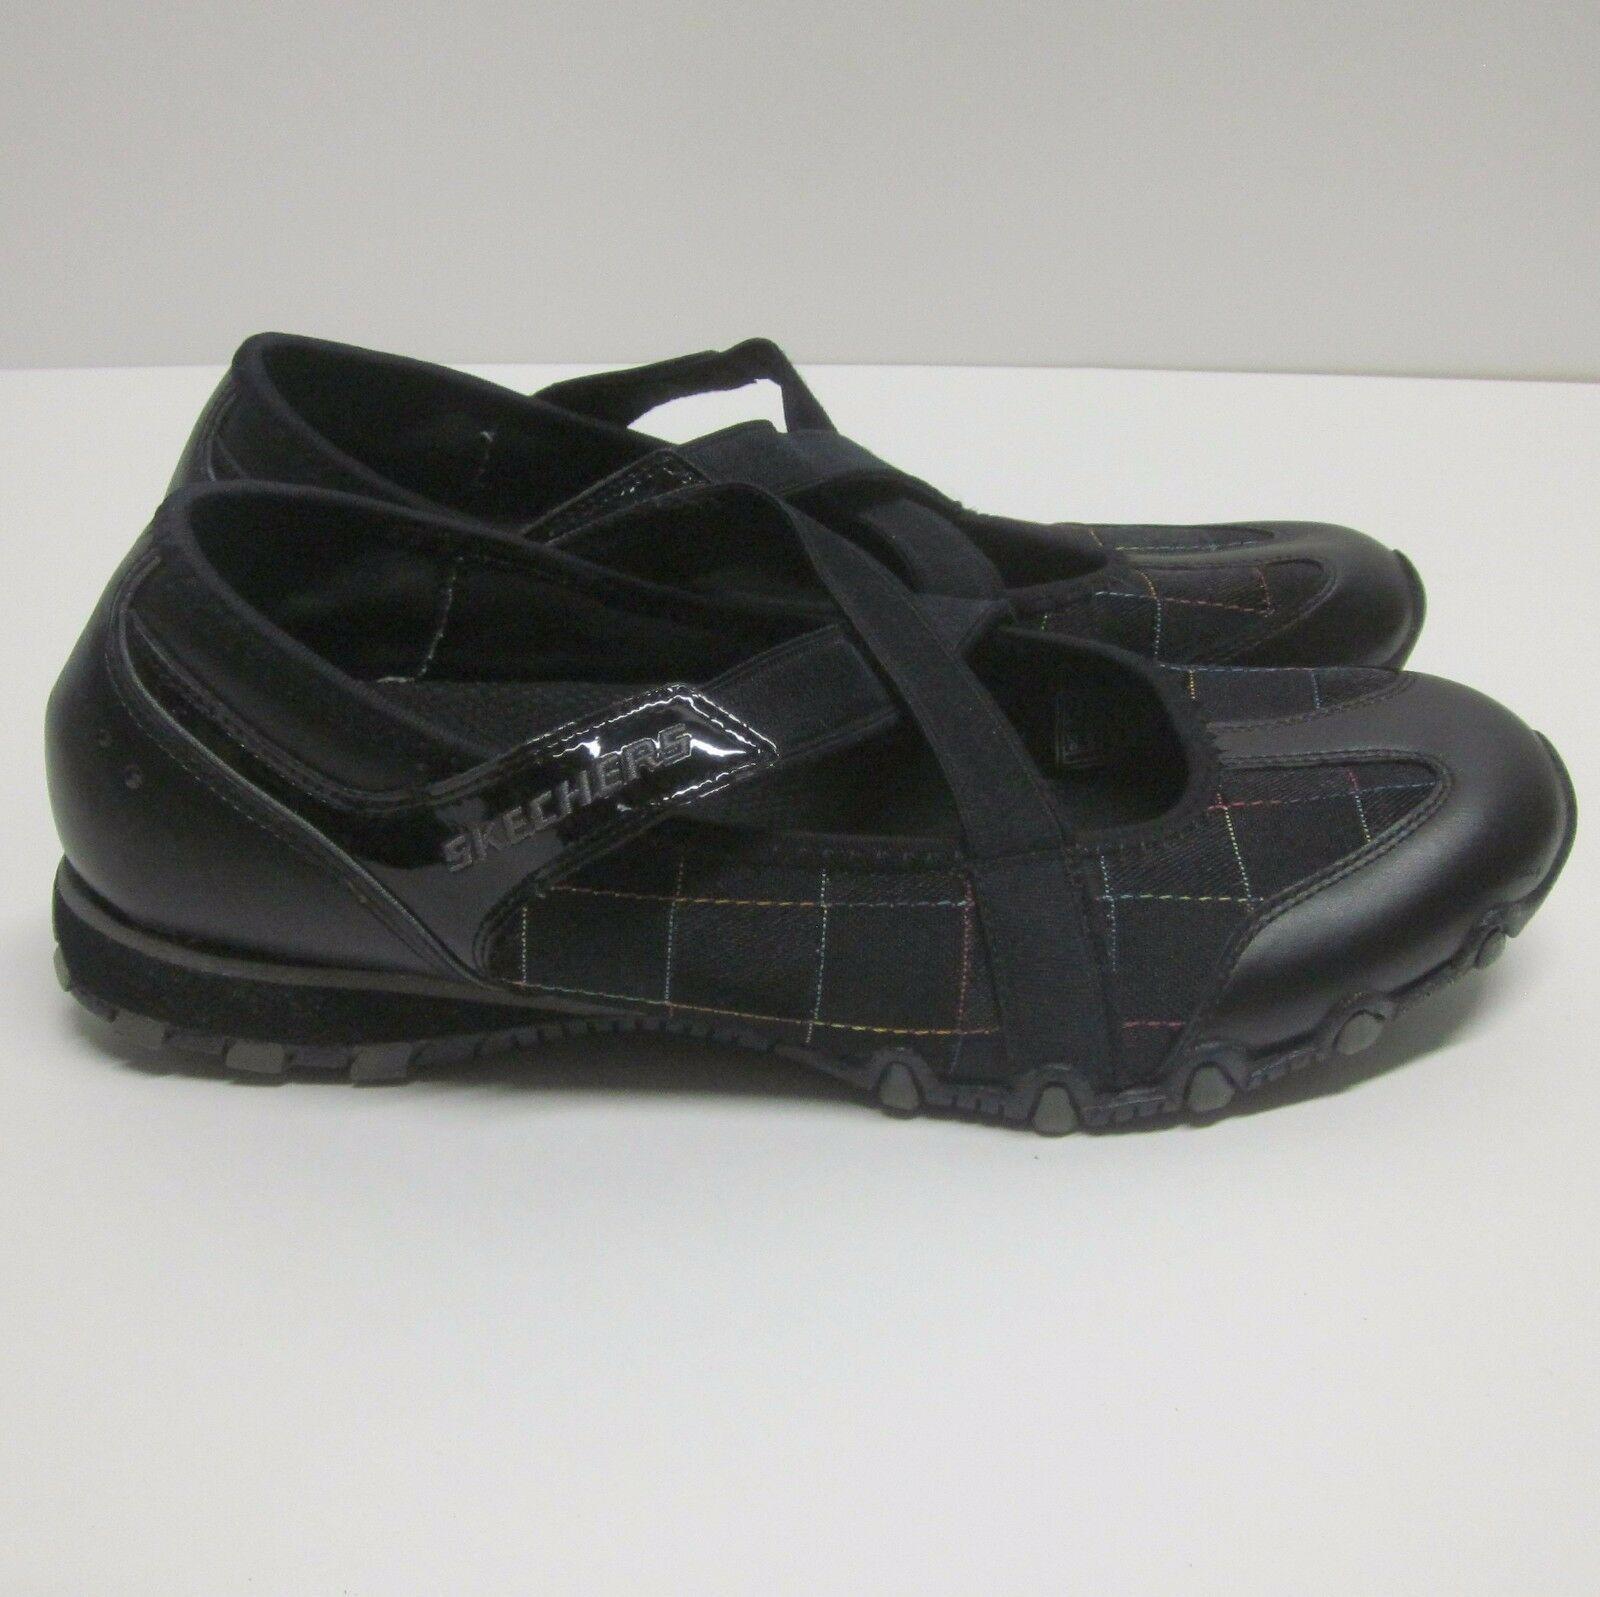 SKECHERS FRISKY BIKERS 21321 WOMEN'S (8.5) BLACK SLIP-ON SNEAKER BUNGEE LACES